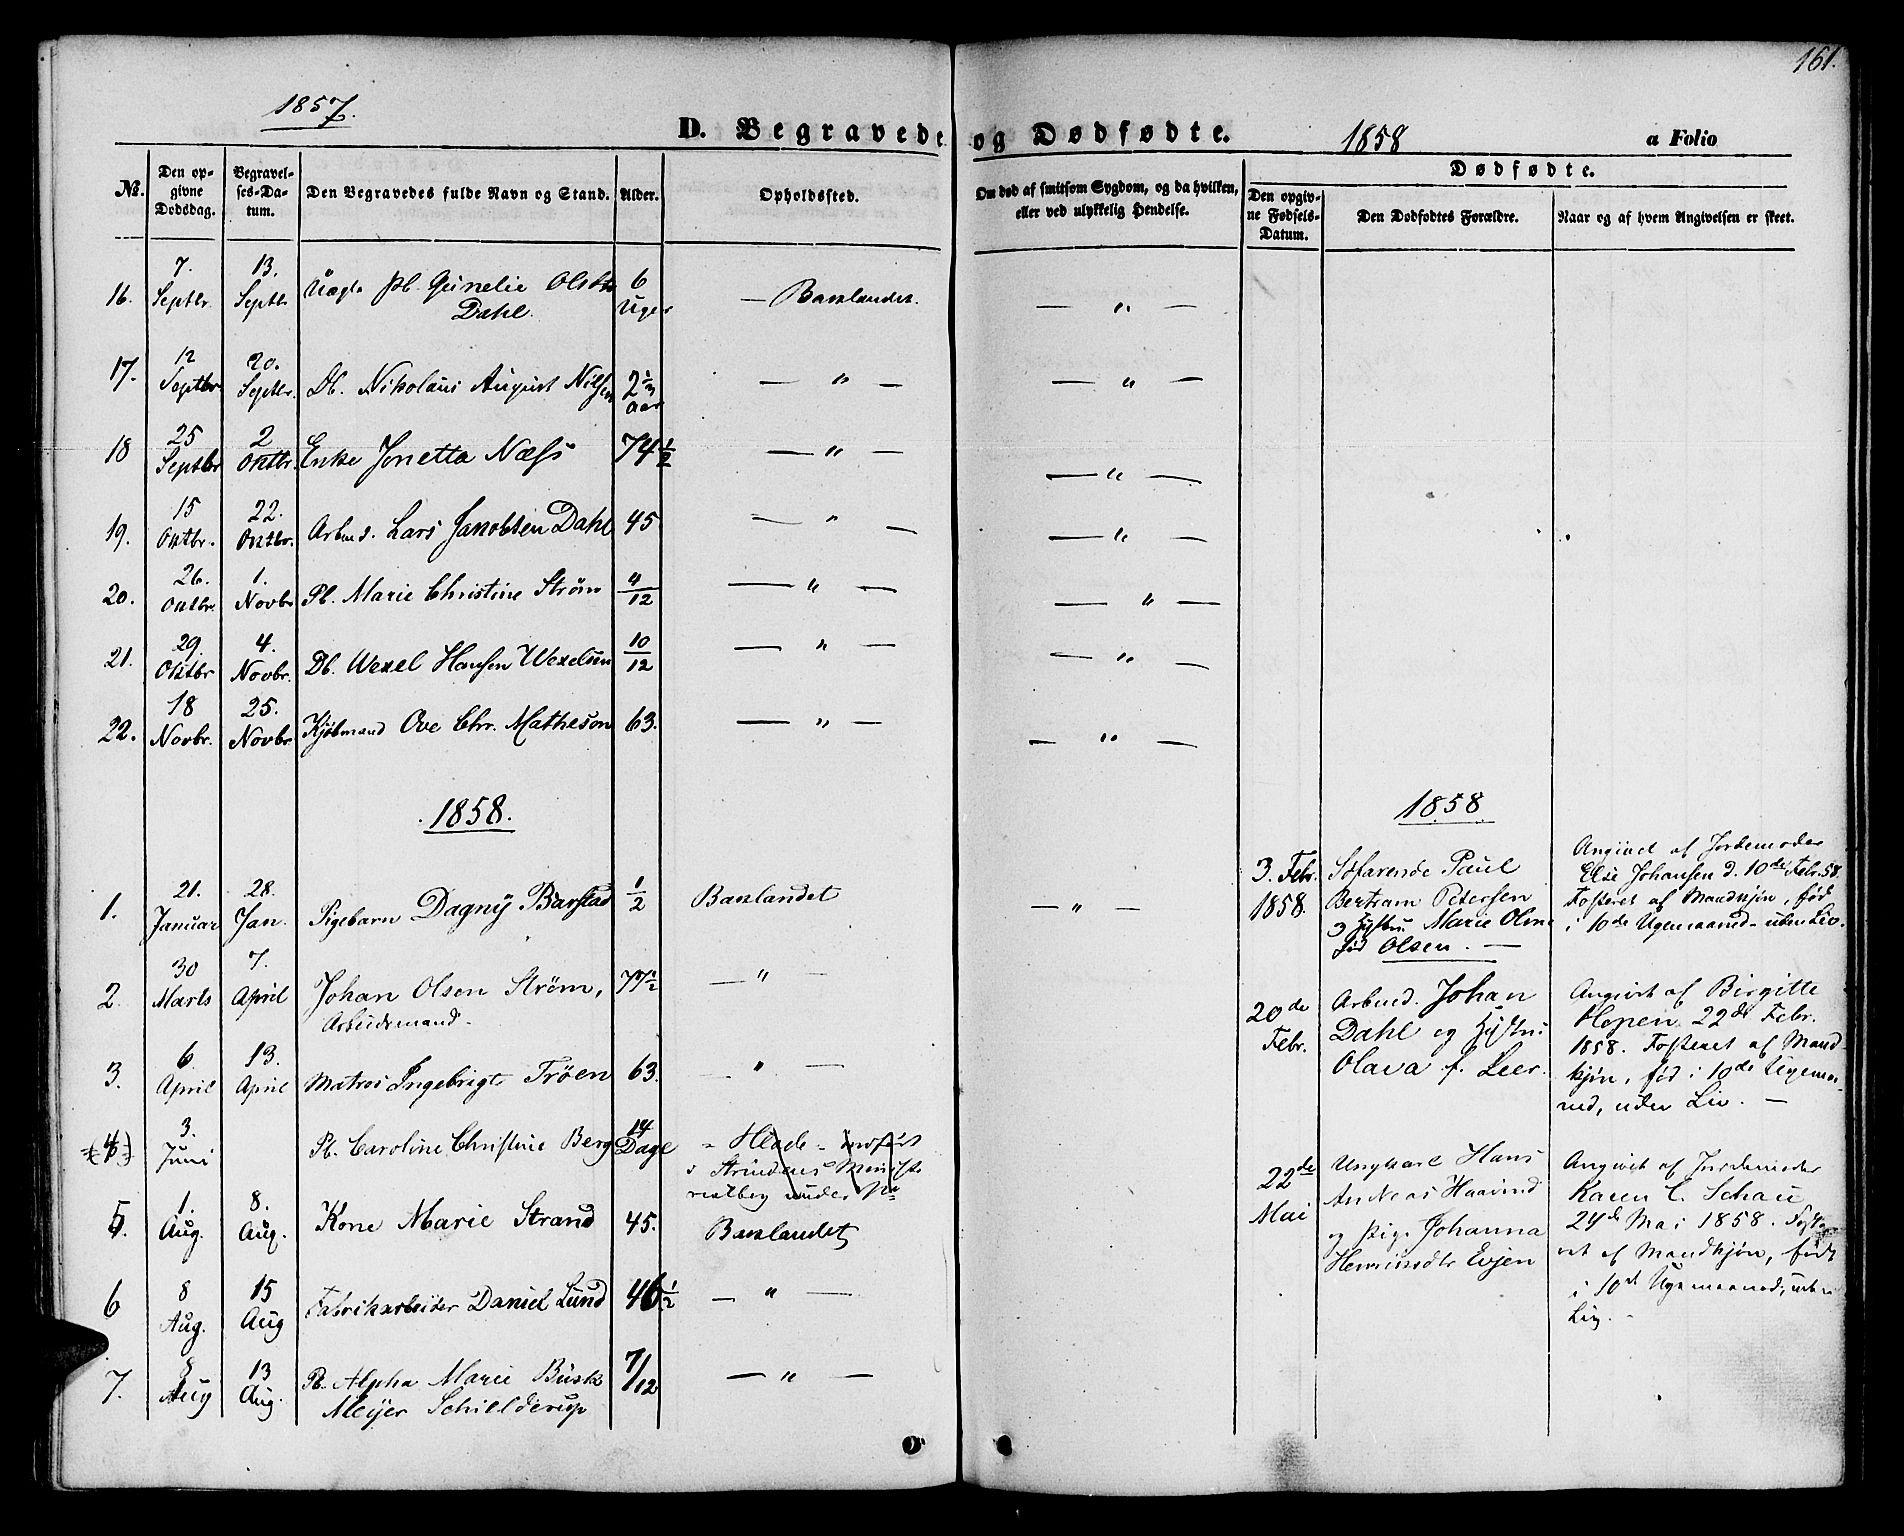 SAT, Ministerialprotokoller, klokkerbøker og fødselsregistre - Sør-Trøndelag, 604/L0184: Ministerialbok nr. 604A05, 1851-1860, s. 161